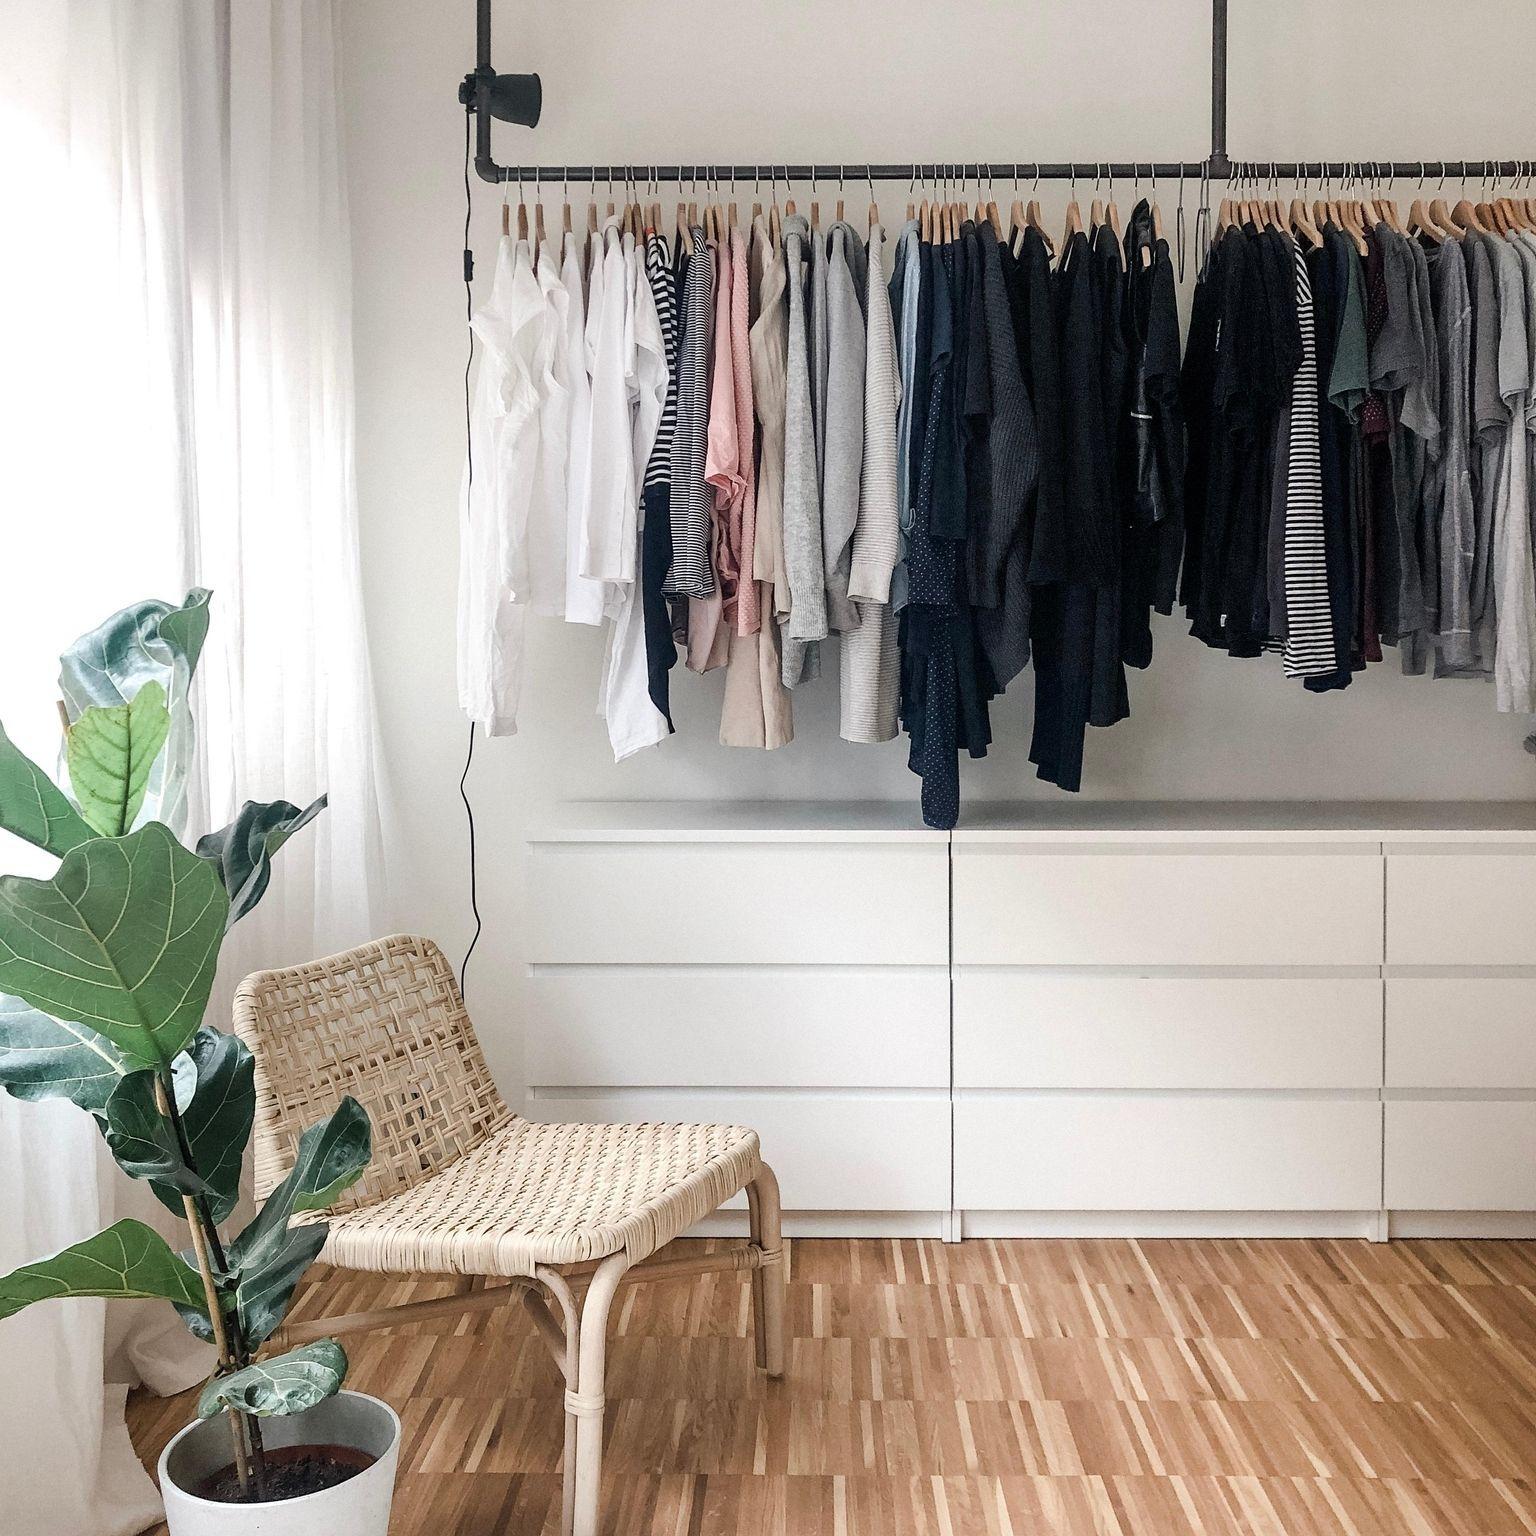 Endlich Ordnung im Kleiderschrank mit der offenen Lö... - Welcome to Blog